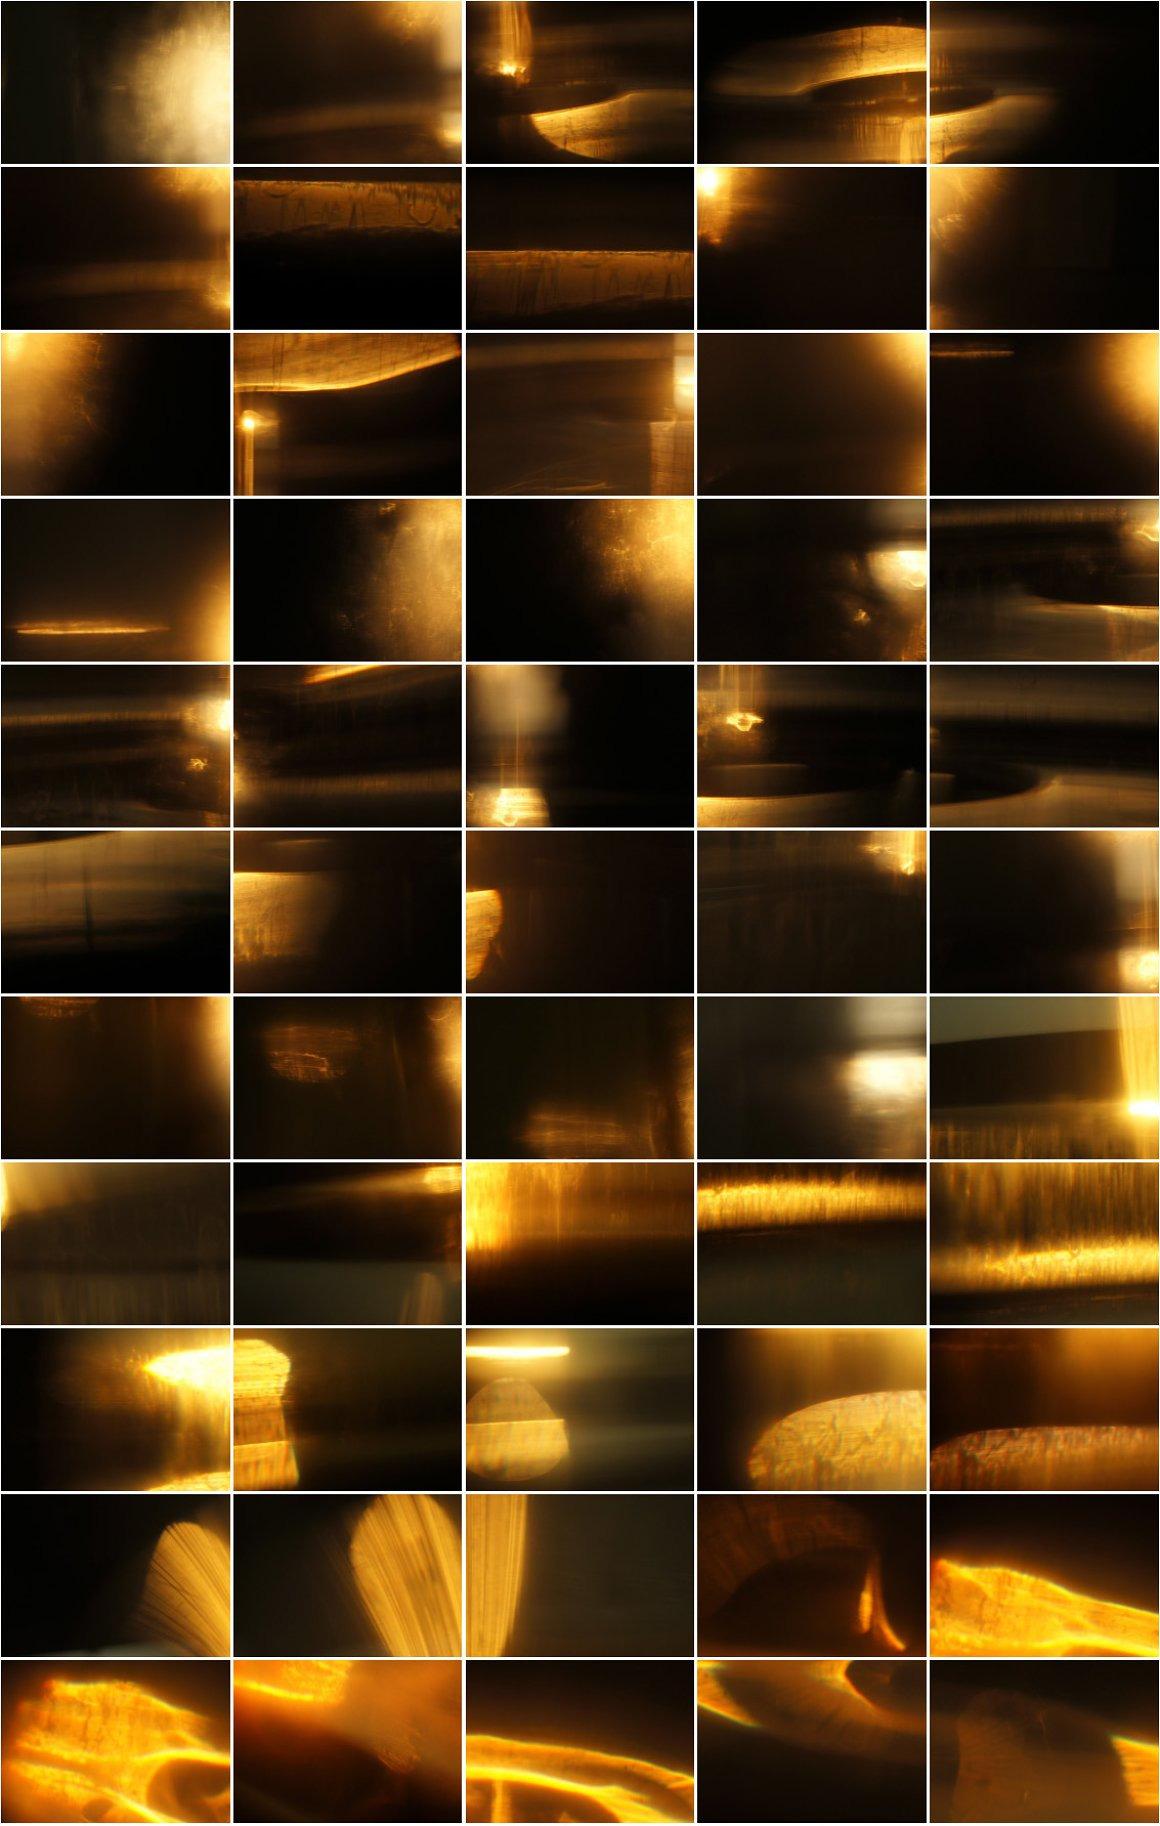 Golden Sun Flare Overlay Effect I